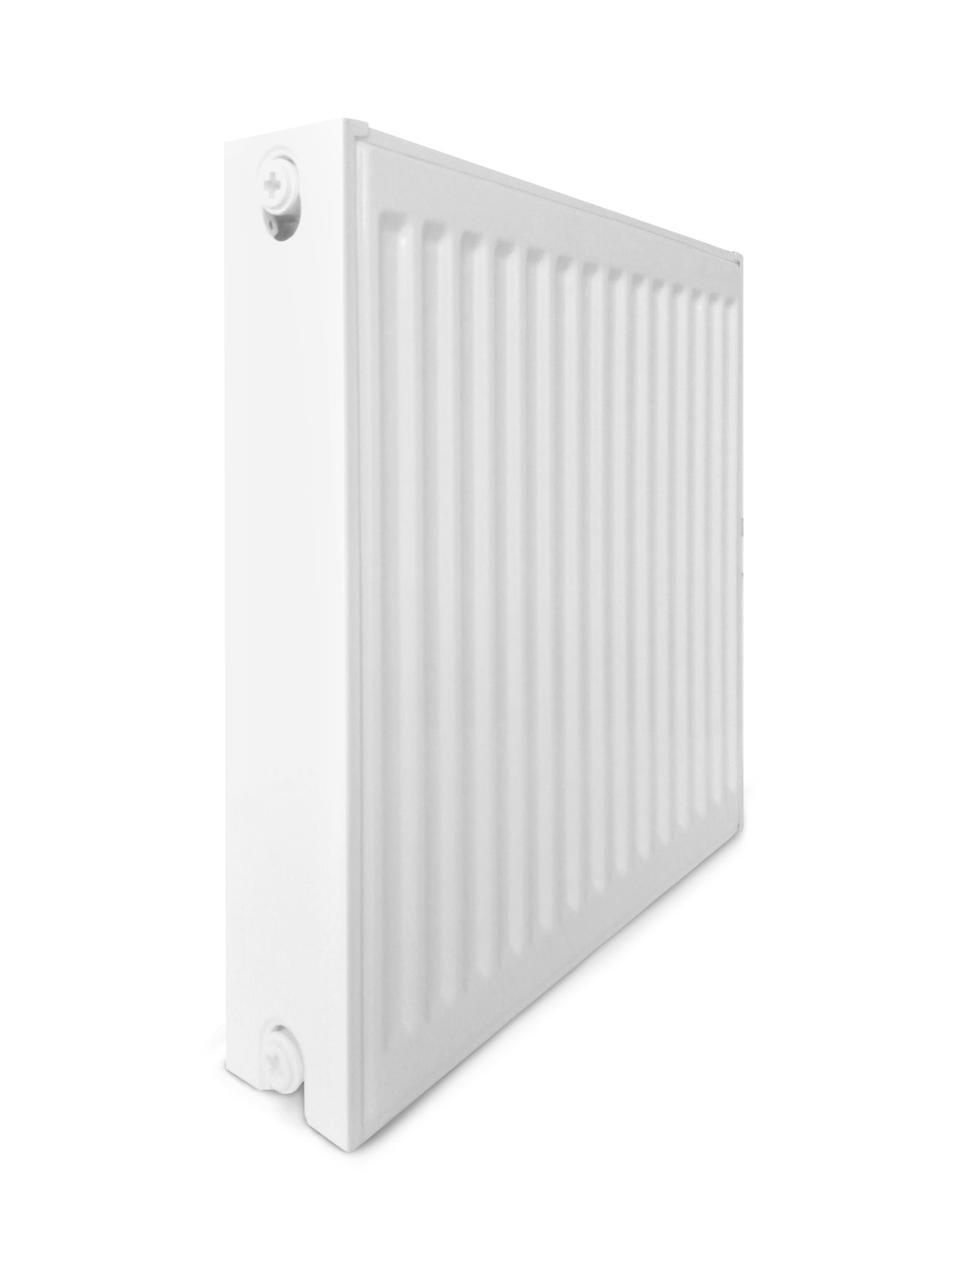 Радиатор стальной панельный Optimum боковой 500 на 1700 мм тип 22 ( 3468 Вт), фото 1